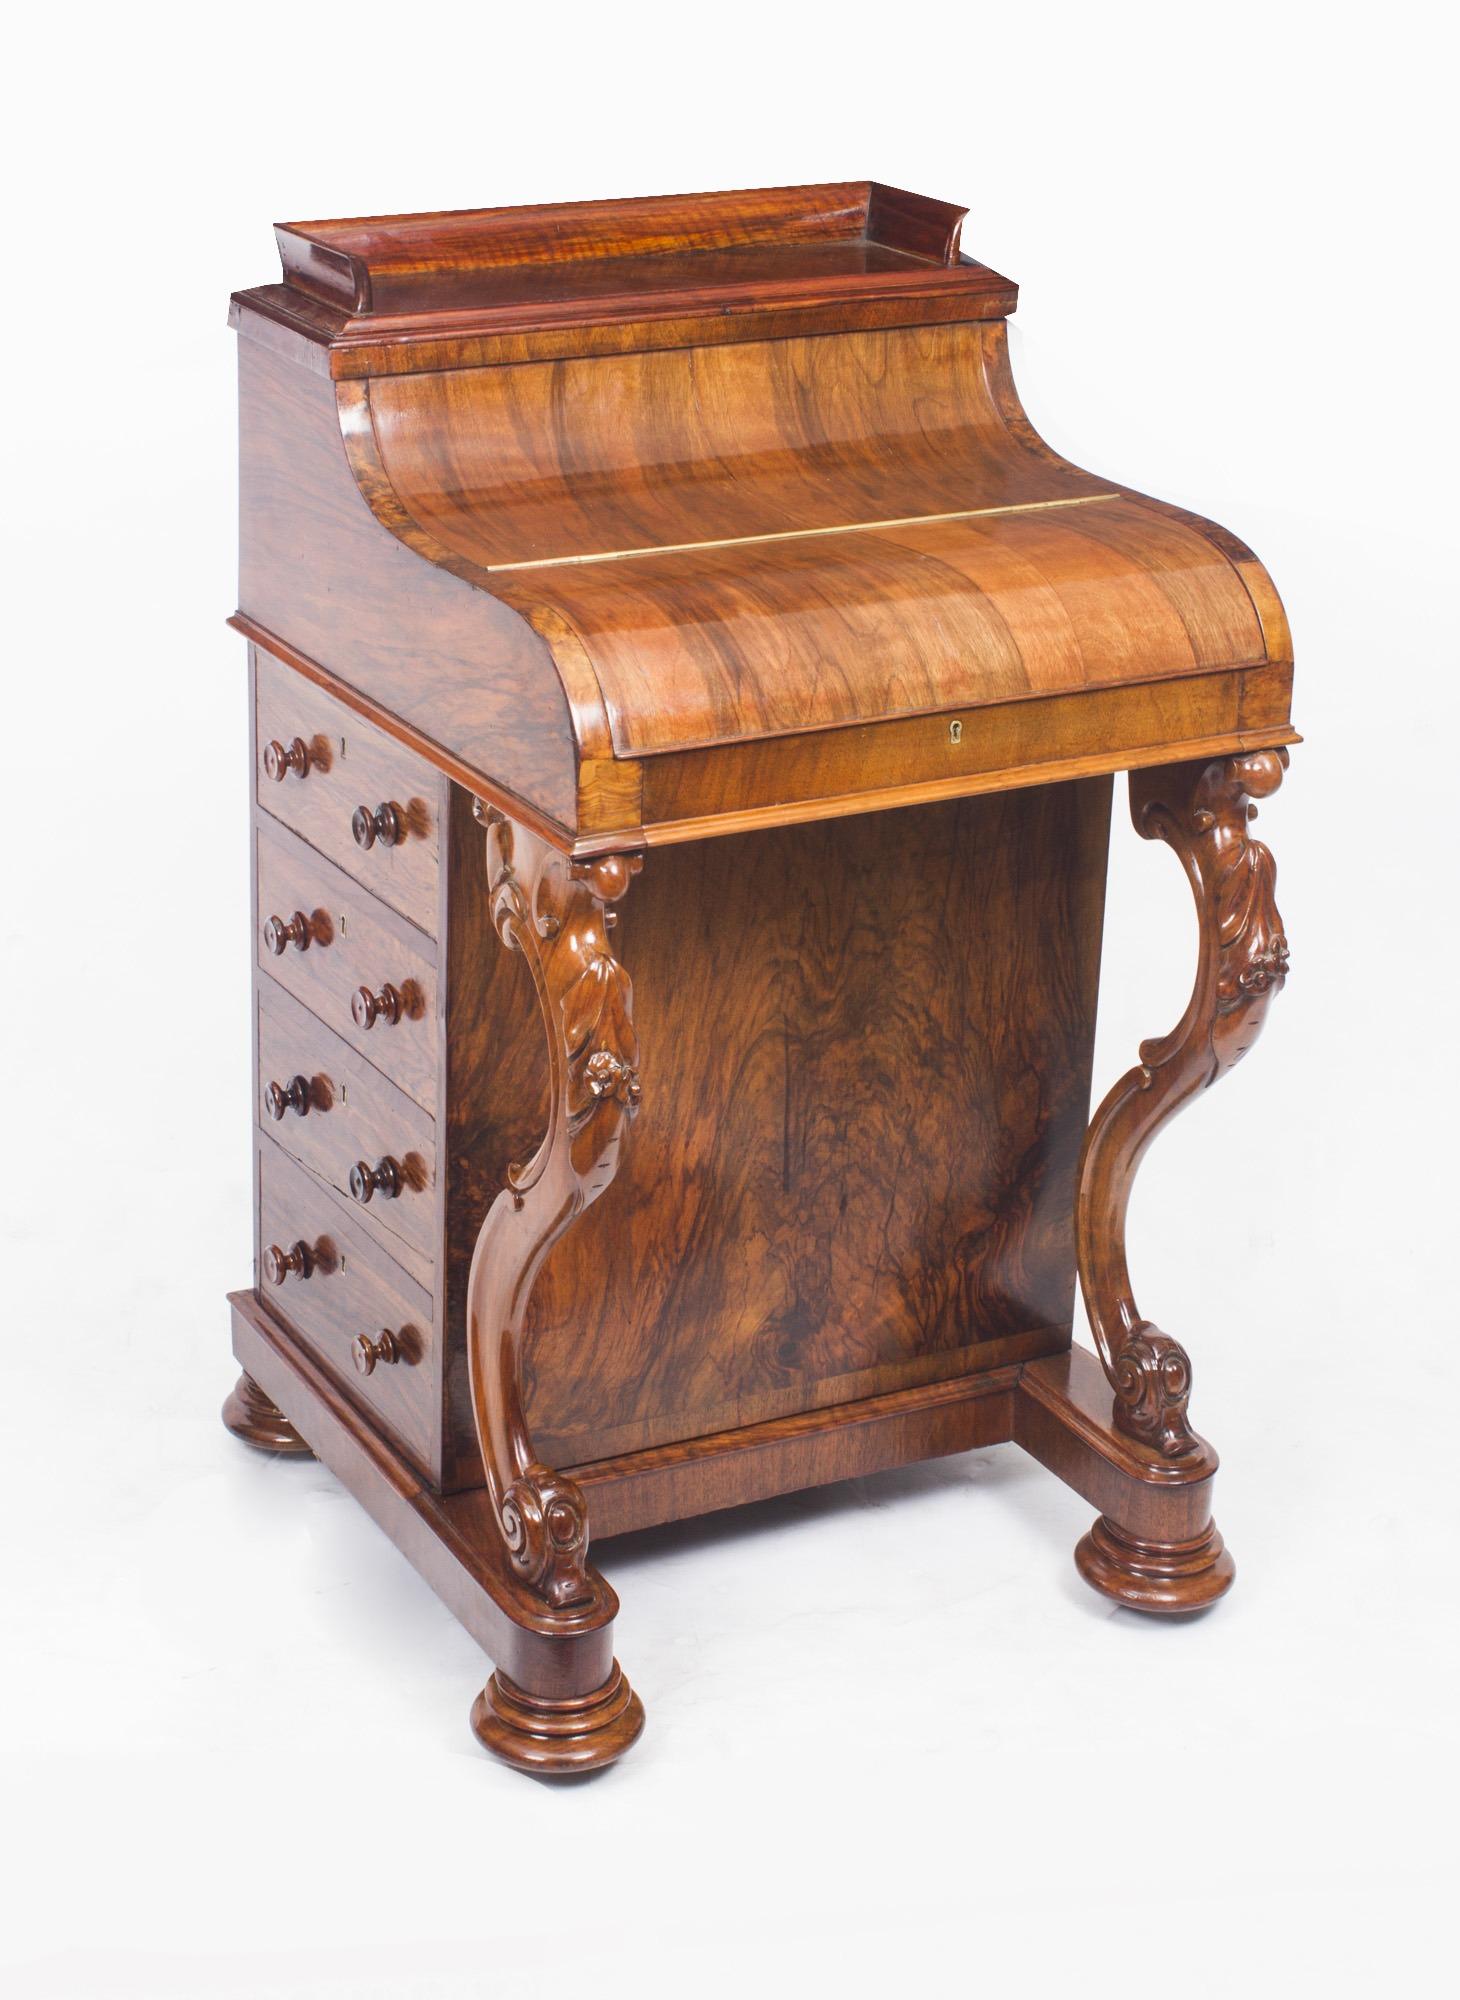 More Desirable Desks From Regent Antiques Antique Burr